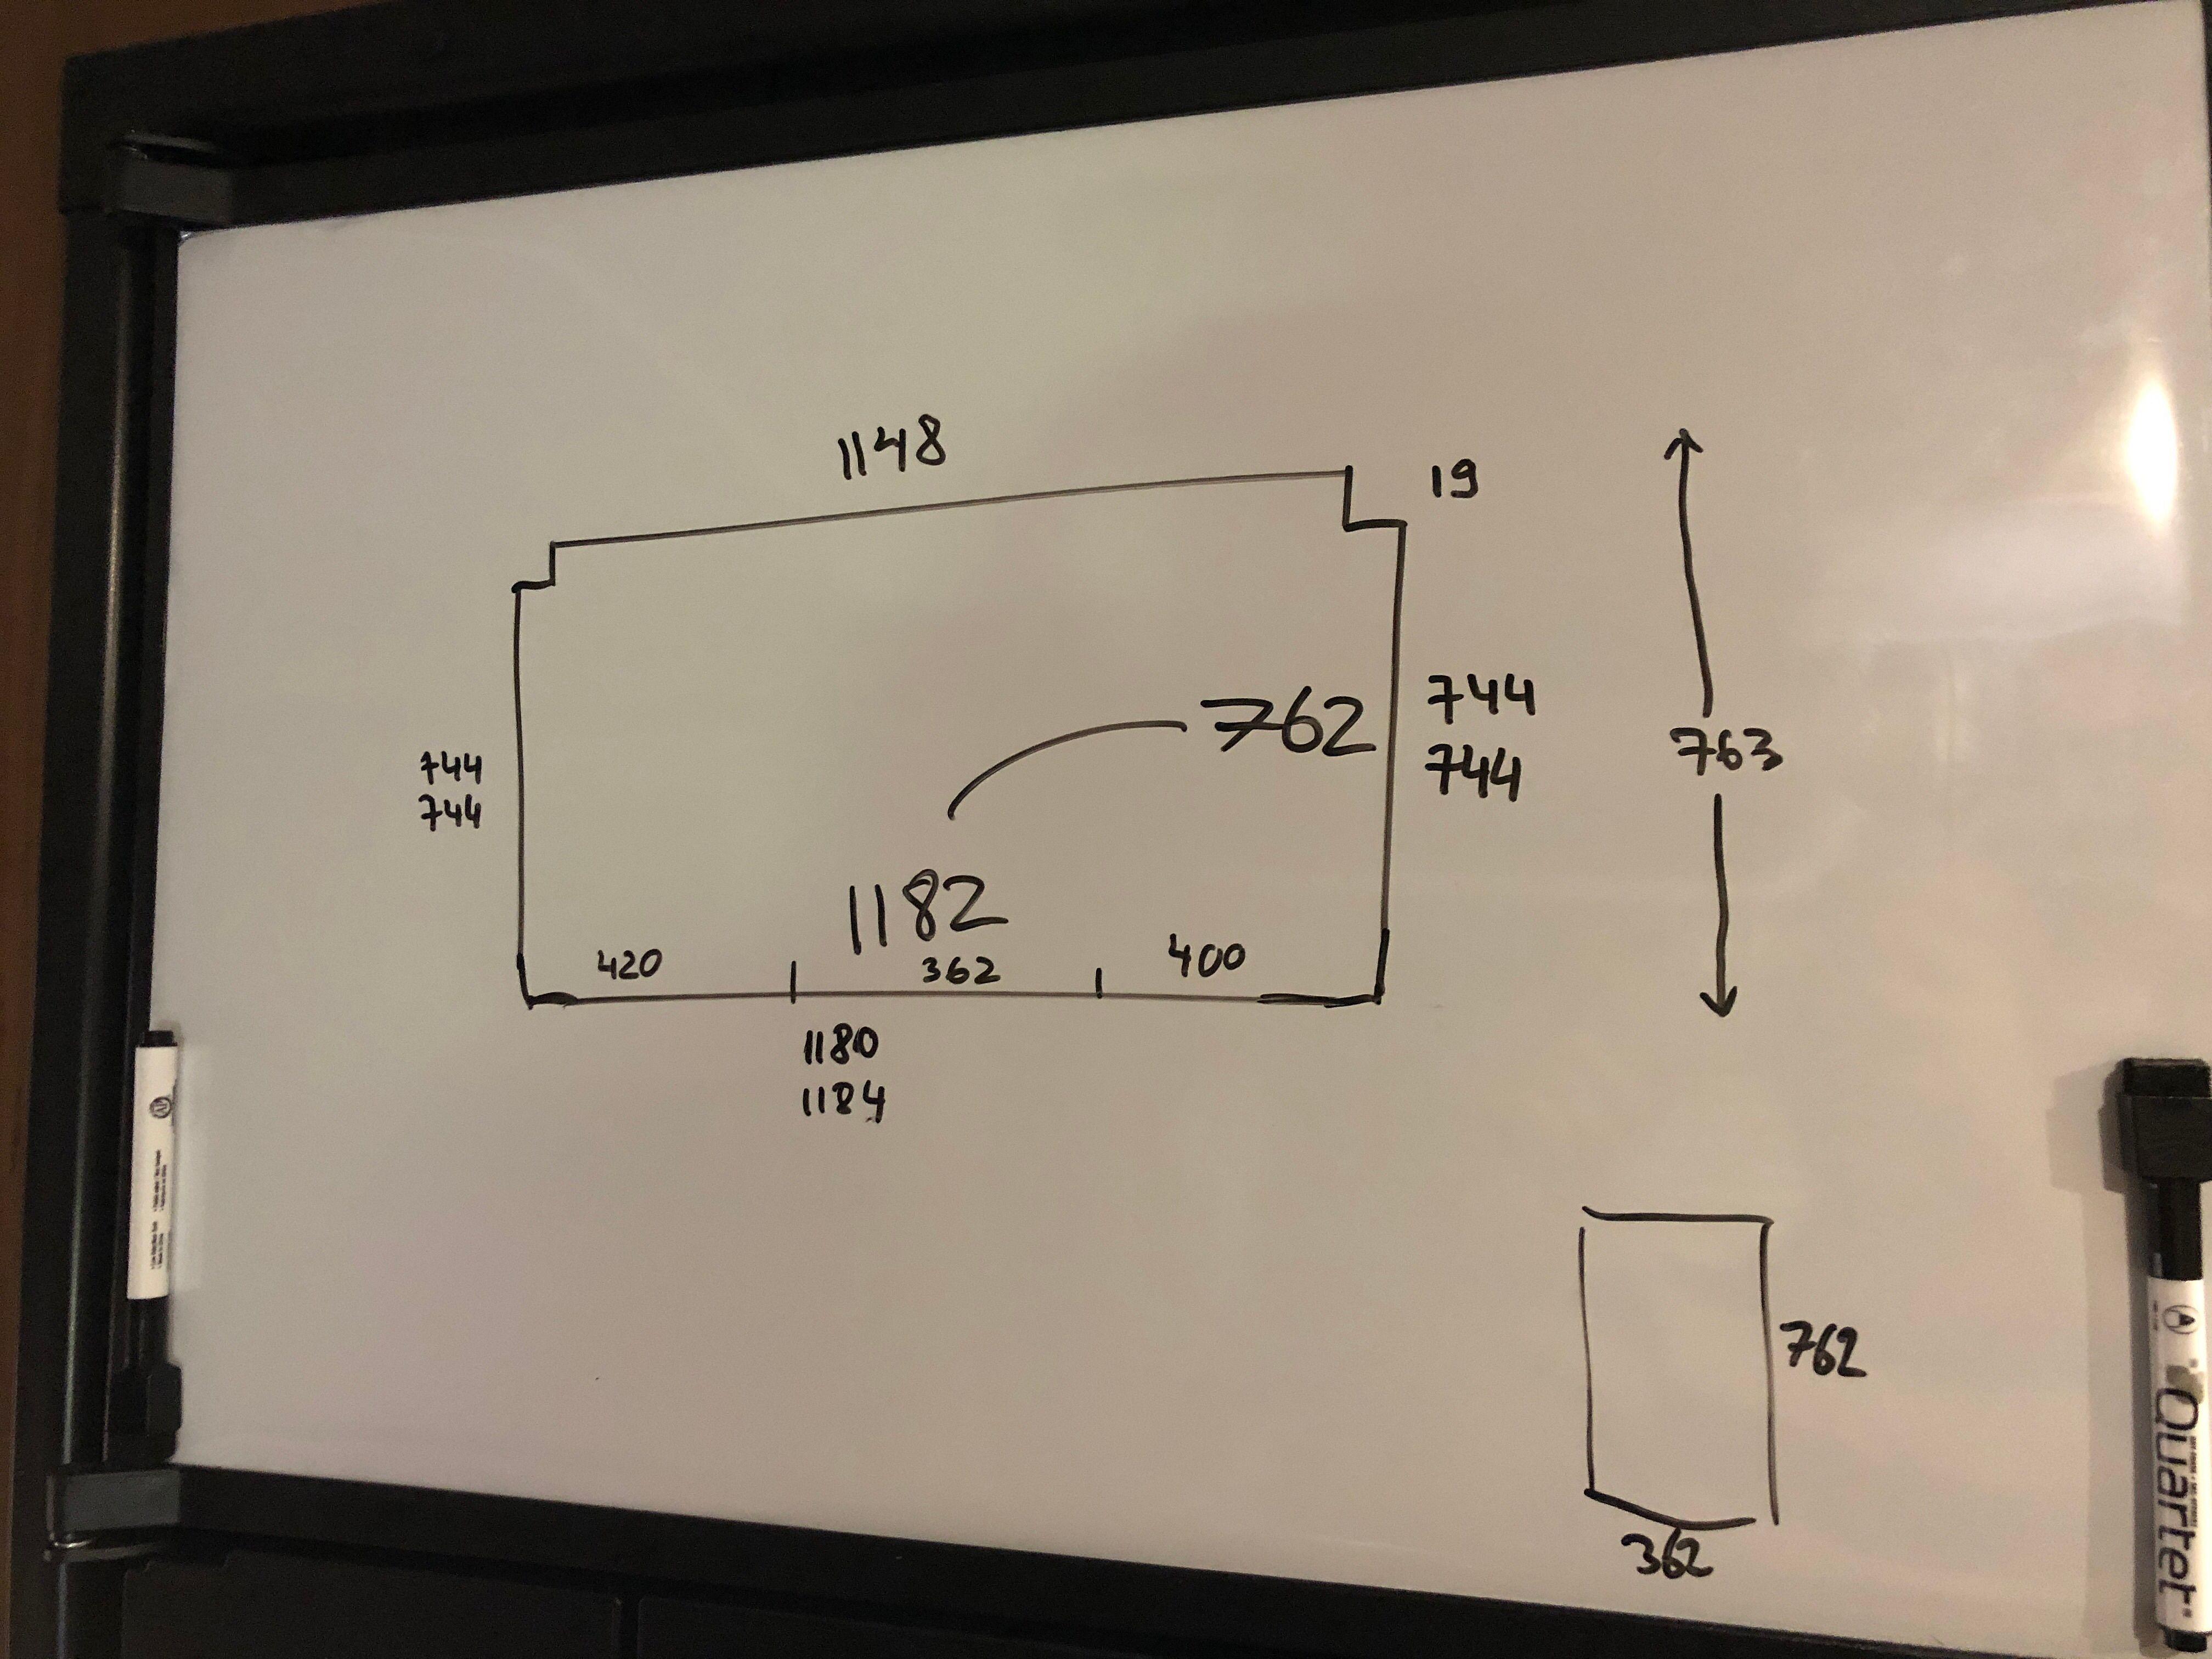 Diagram of the shelf